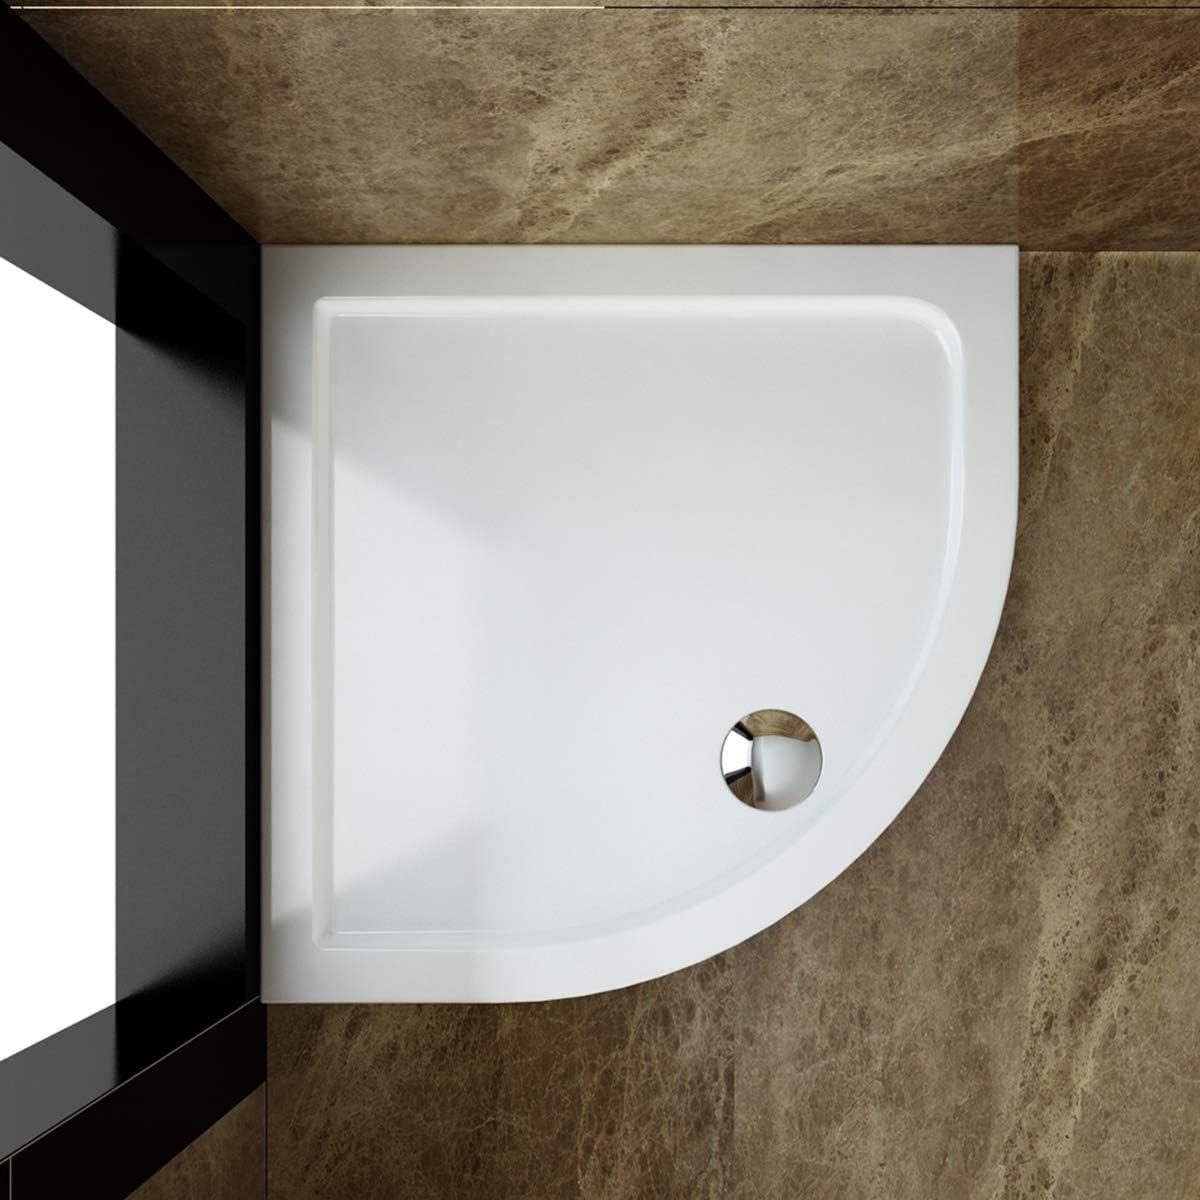 SONNI Duschwanne 80x80 cm flach inkl.Ablaufgarnitur-01 Wei/ß Duschtasse